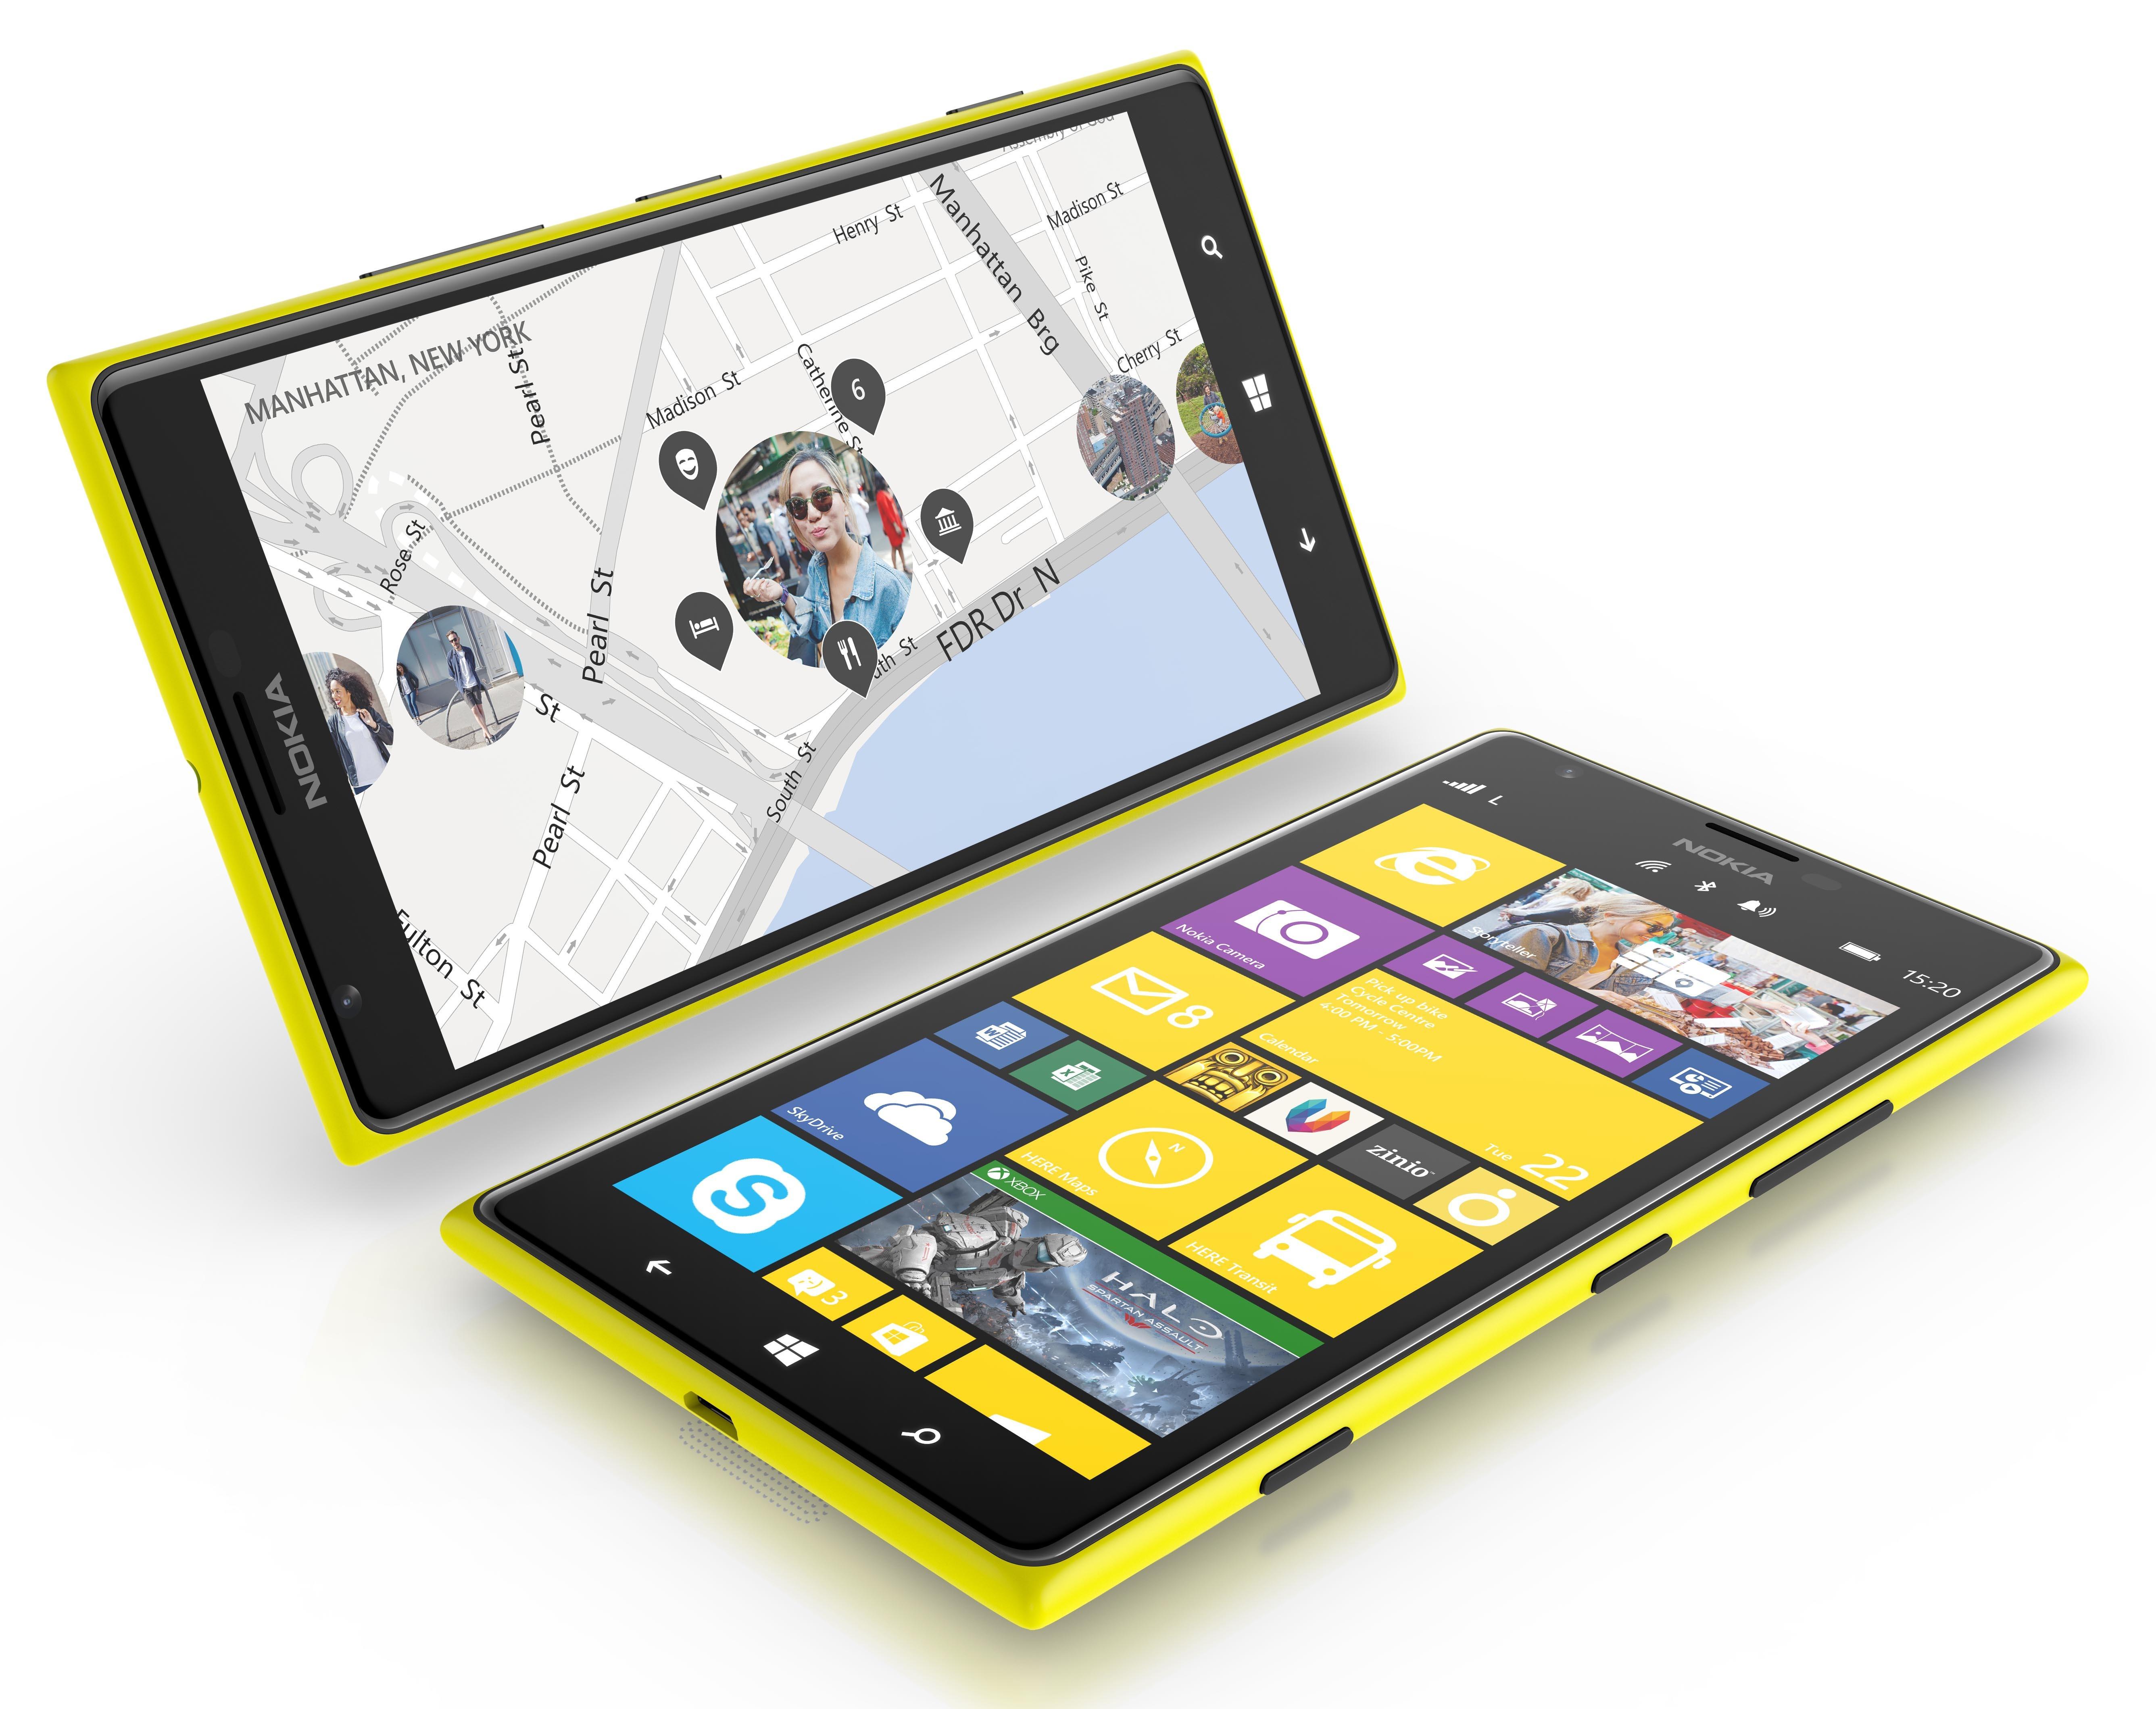 New Nokia Phone Lumia New Nokia Lumia 1520 First